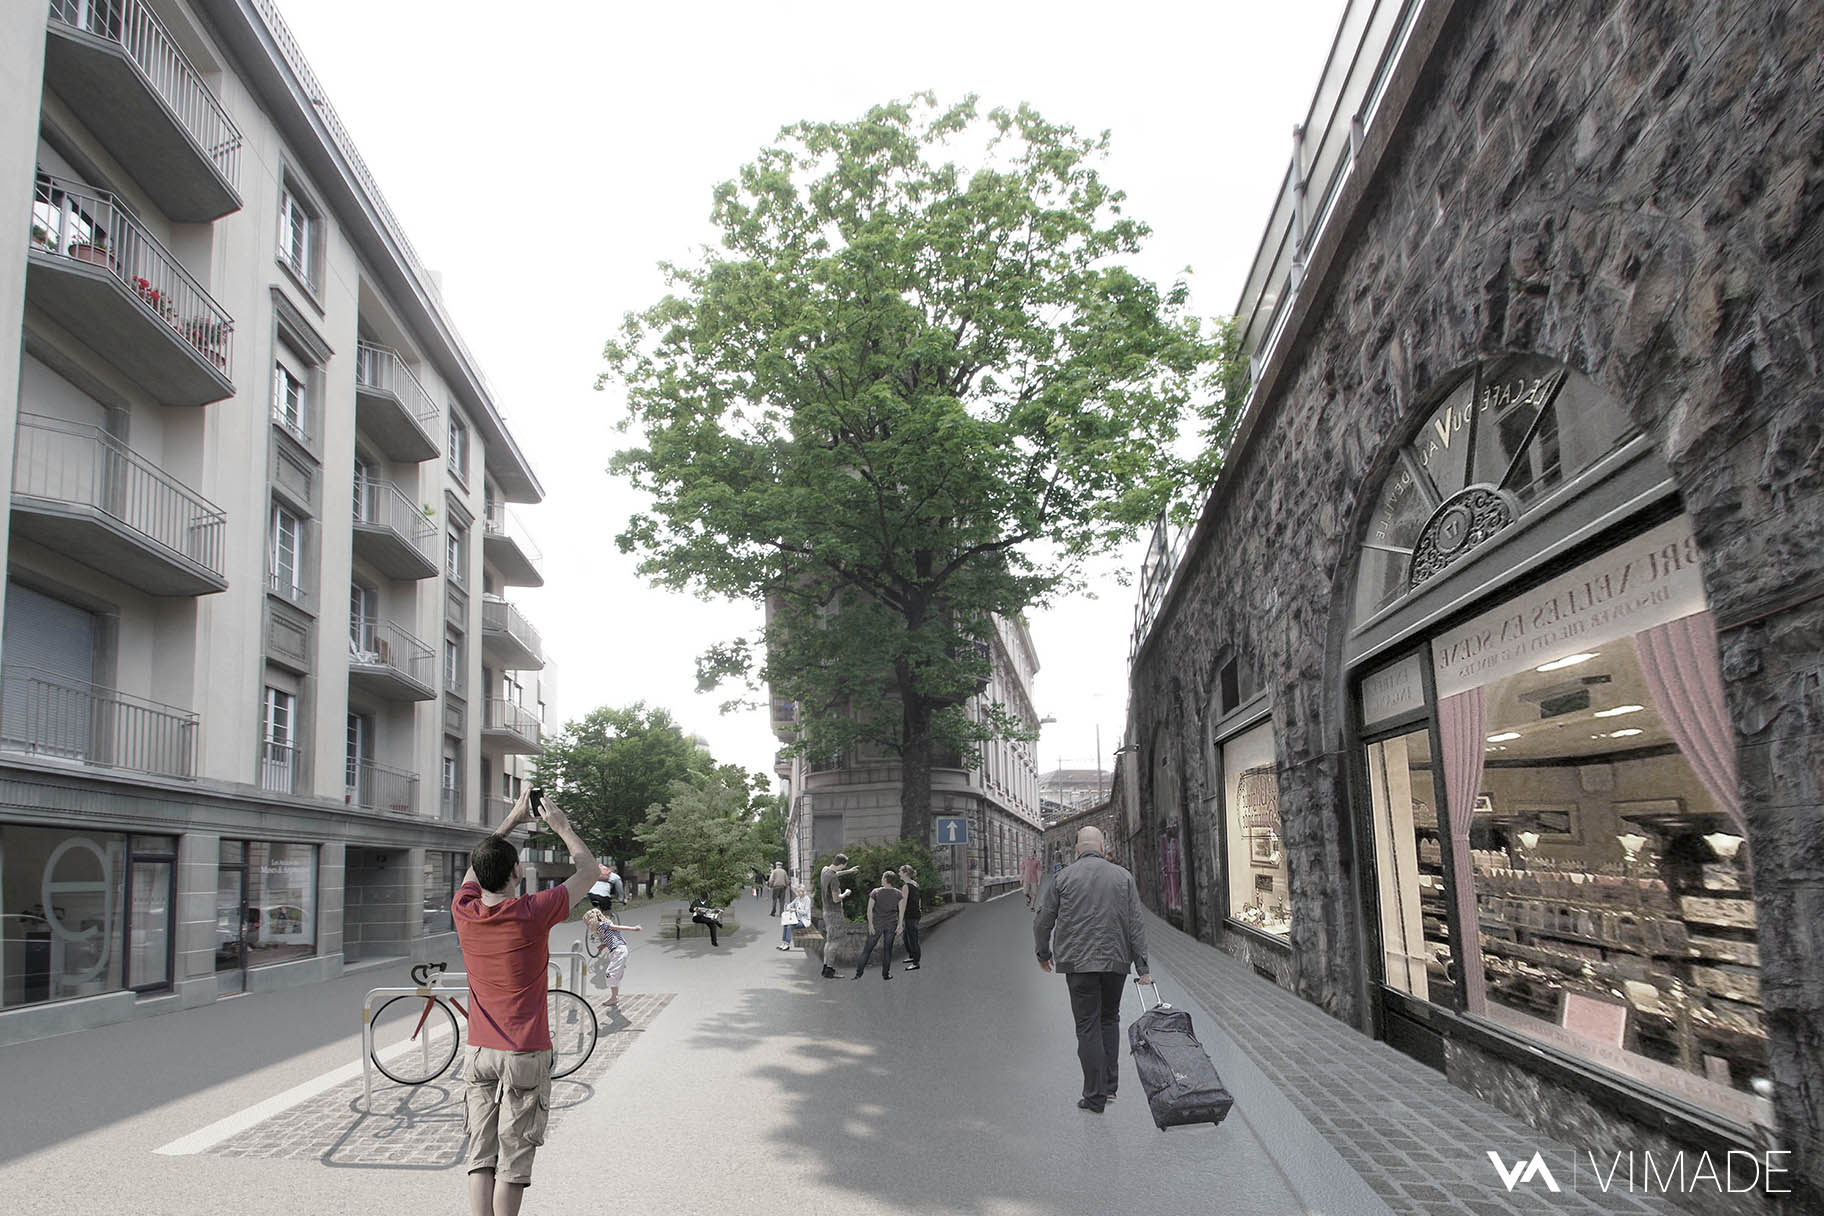 passage-saugettes-perspective-concours-sous-gare-lausanne-espace-public-vimade-architectes-paysagistes